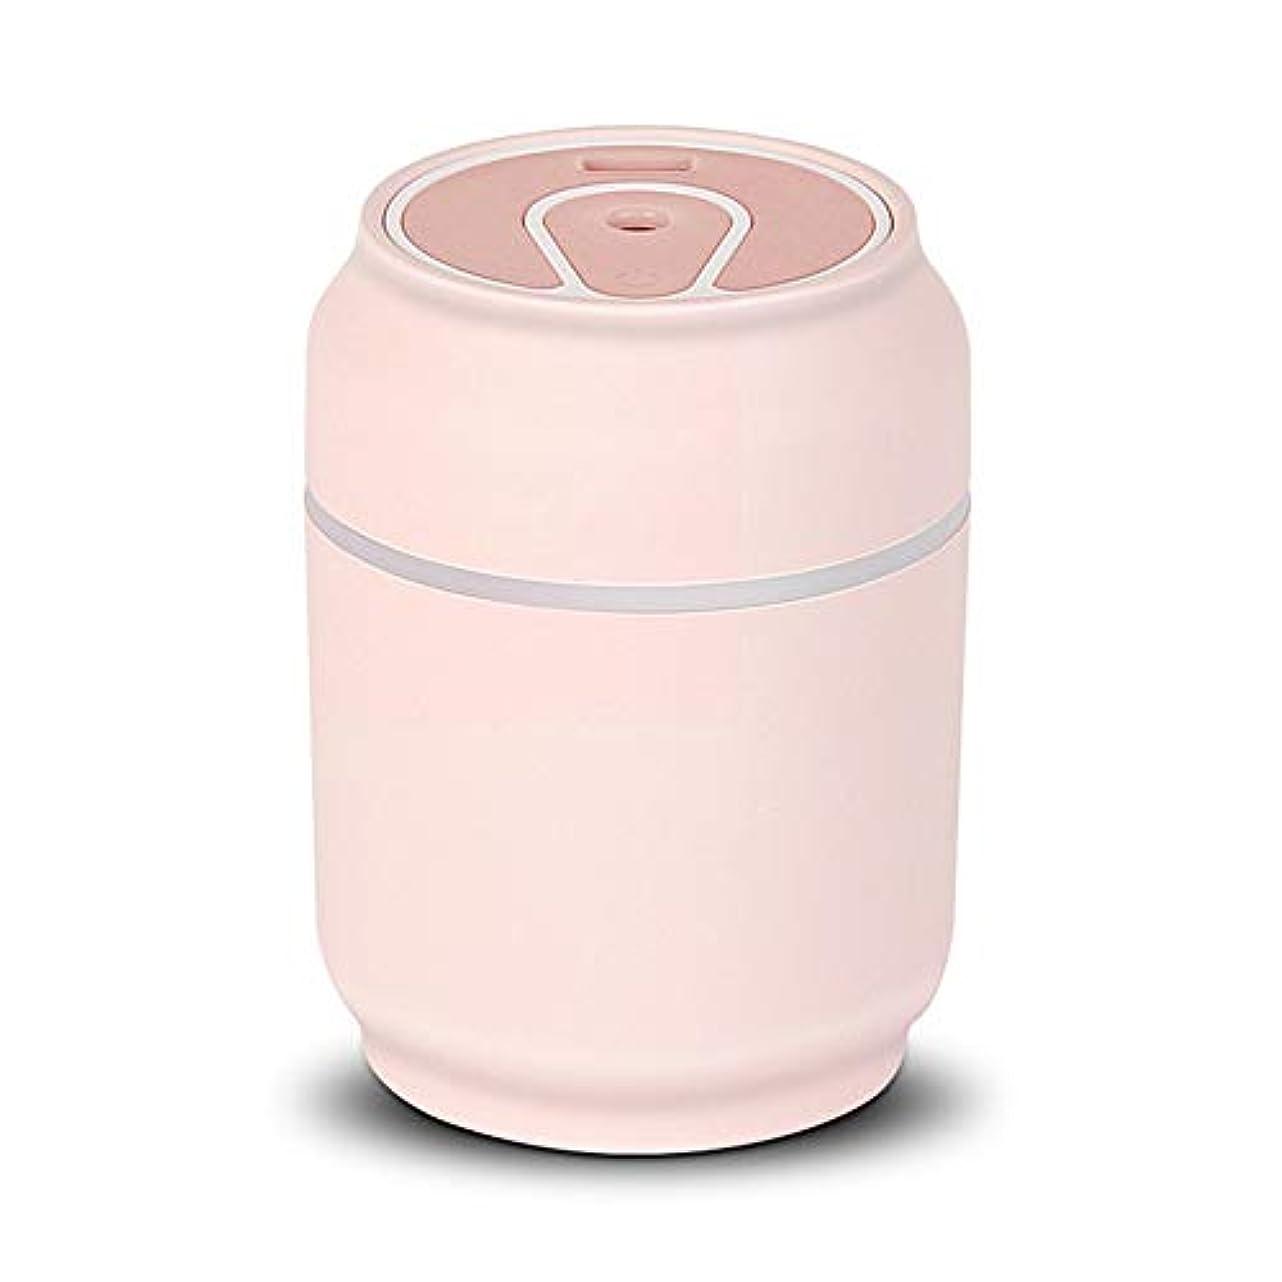 撤回する契約した請求書ZXF 新しいクリエイティブ缶シェイプUSB充電加湿器ミュート漫画ミニASB素材ナイトライトファン3つ1つの水分補給器具蒸し顔黒緑ピンク黄色 滑らかである (色 : Pink)